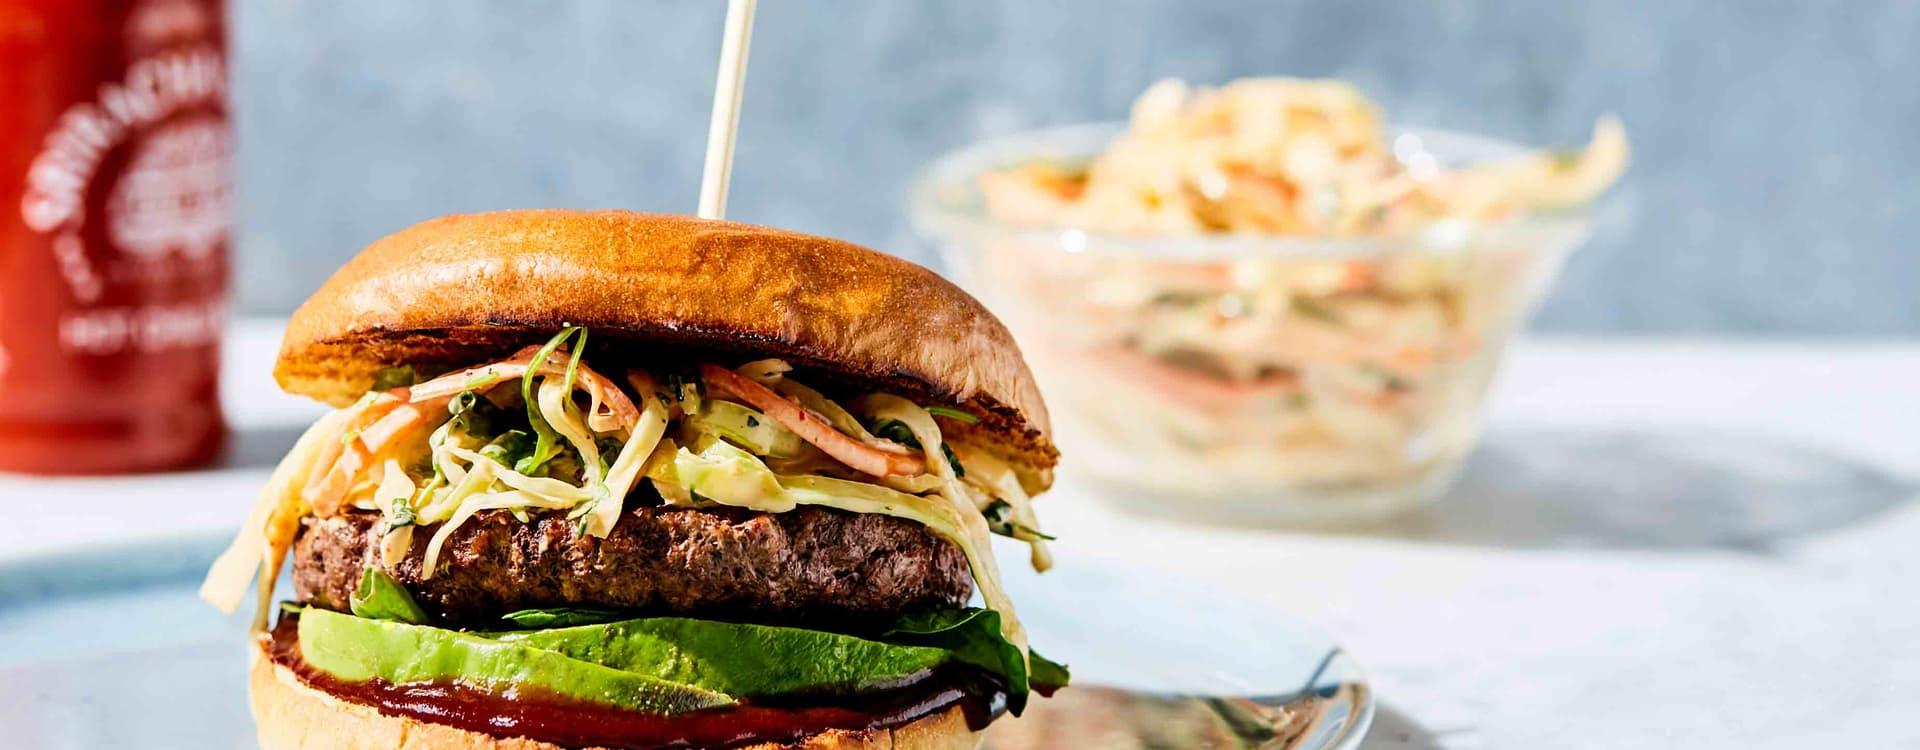 Beefburger med sriracha-coleslaw og avokado